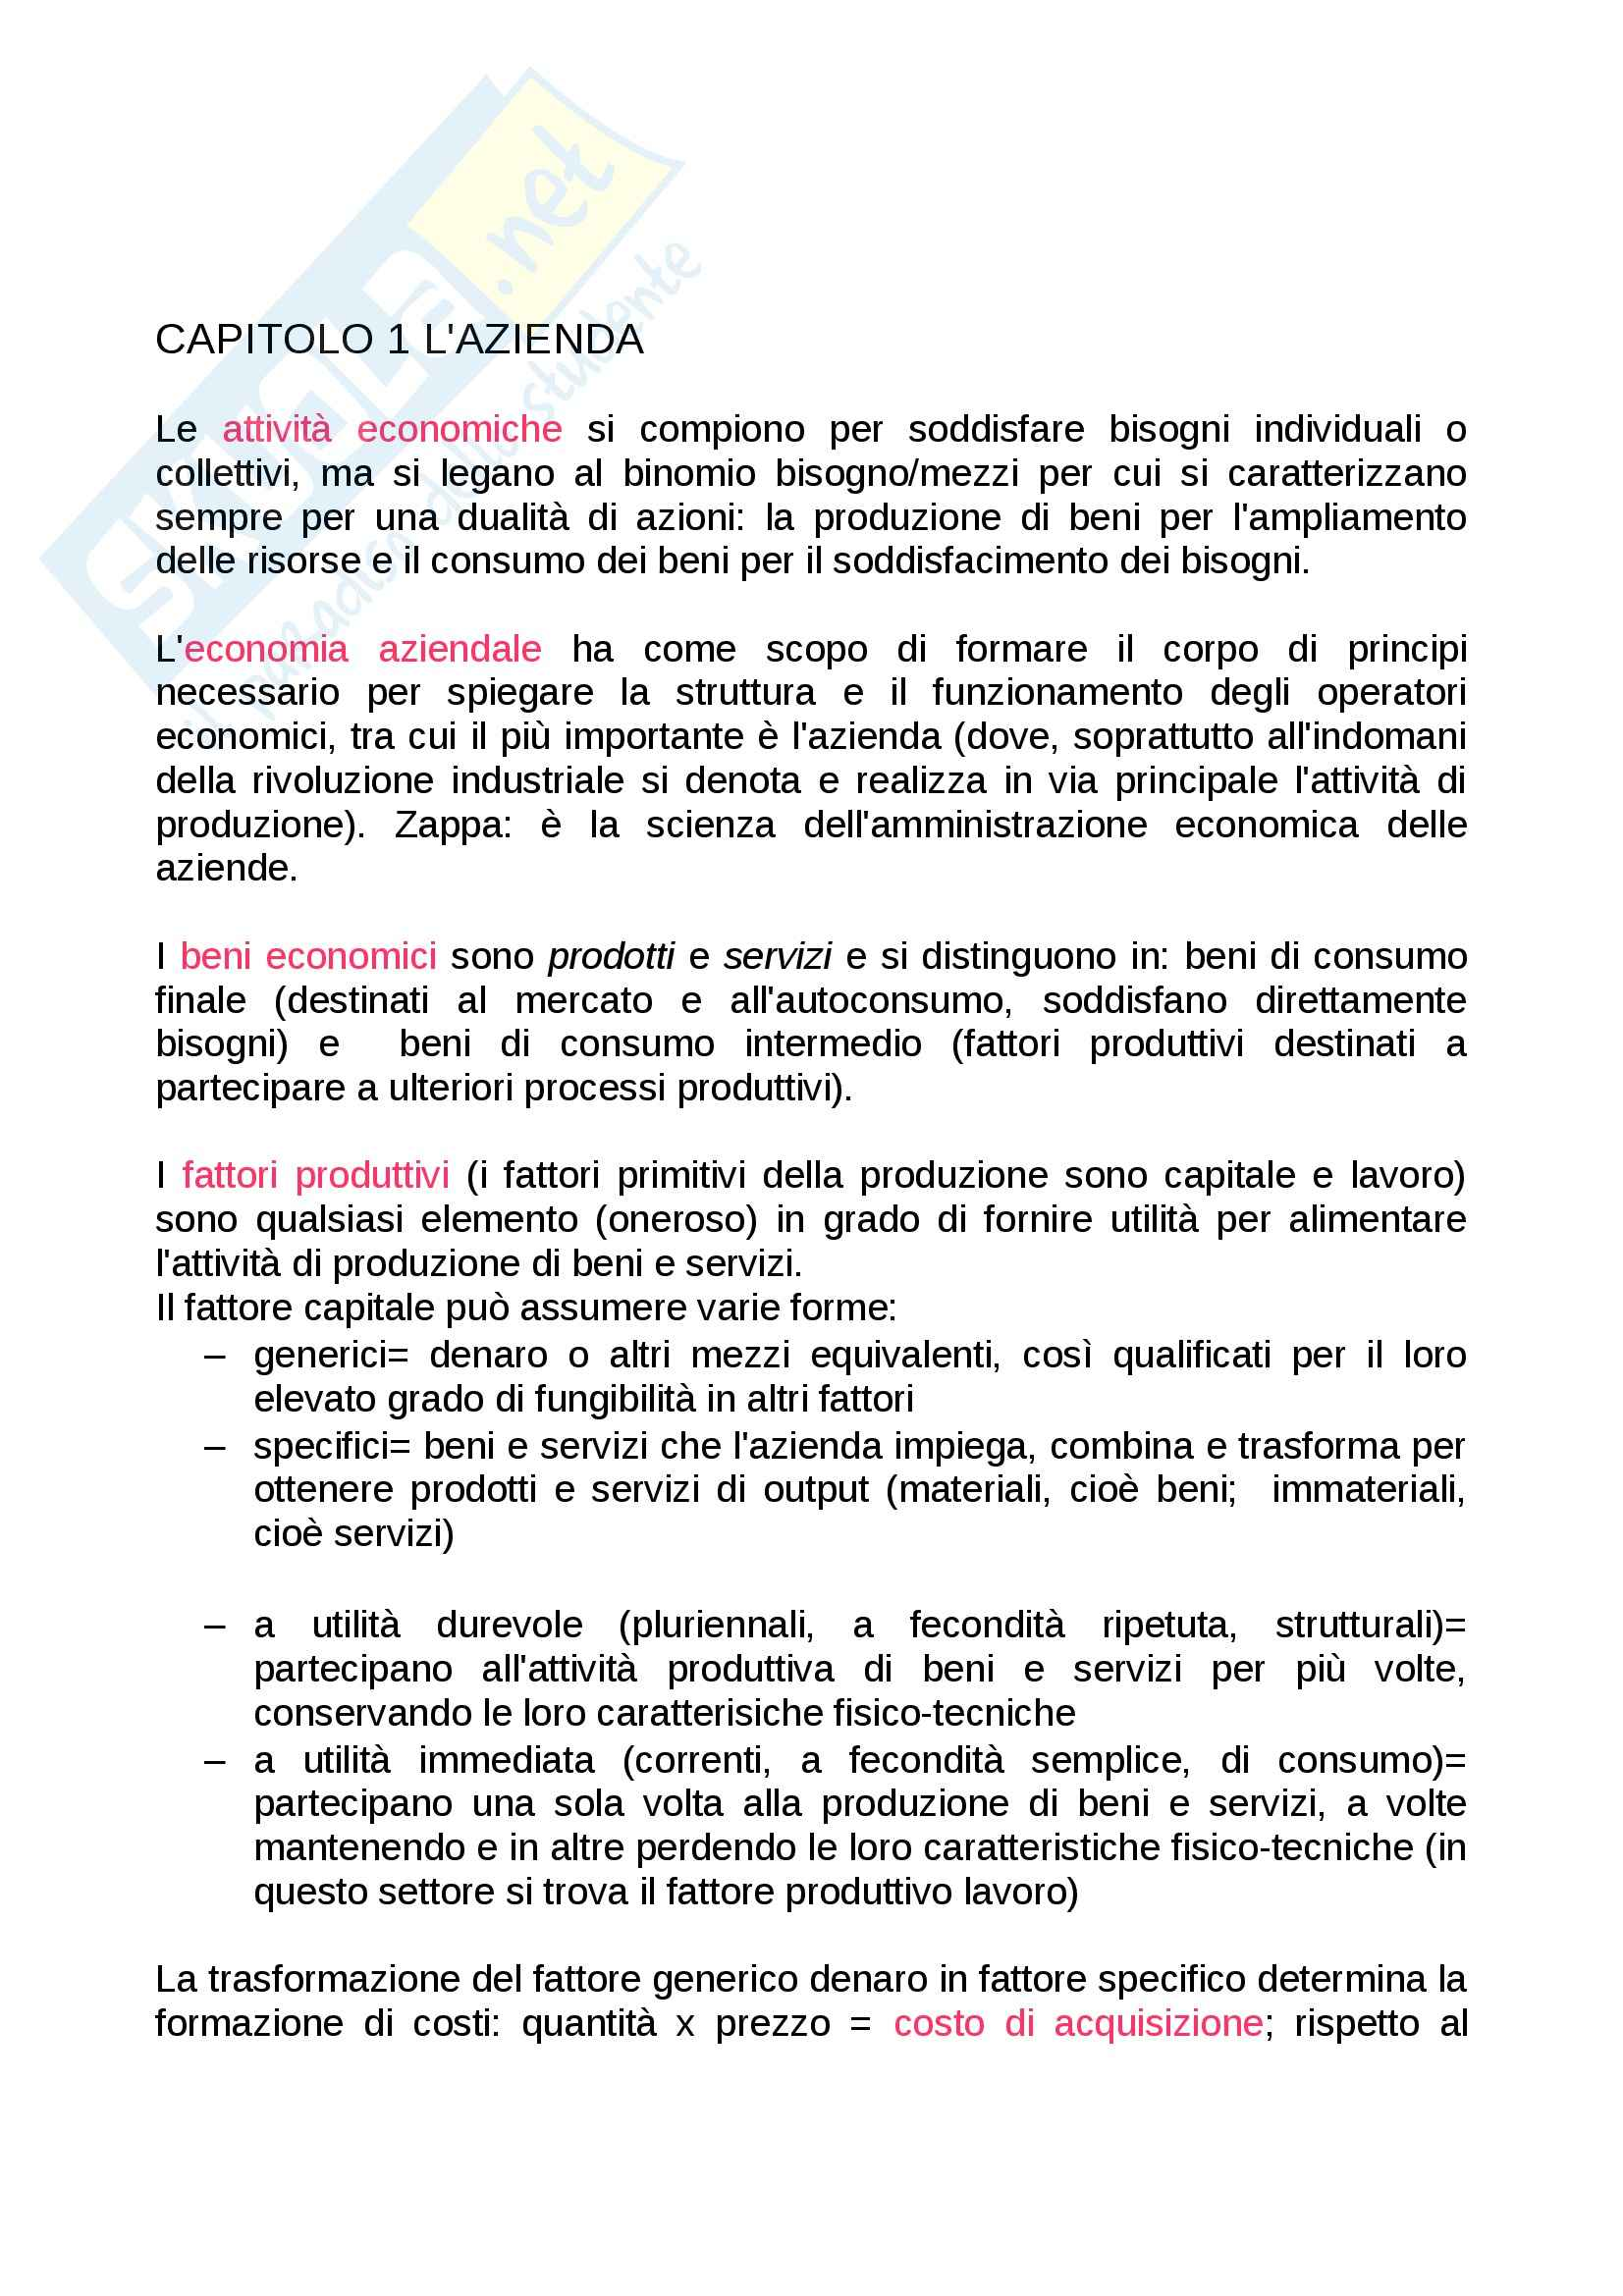 sunto Economia, prof. Paolini, libro consigliato Introduzione all'economia aziendale, Ricci